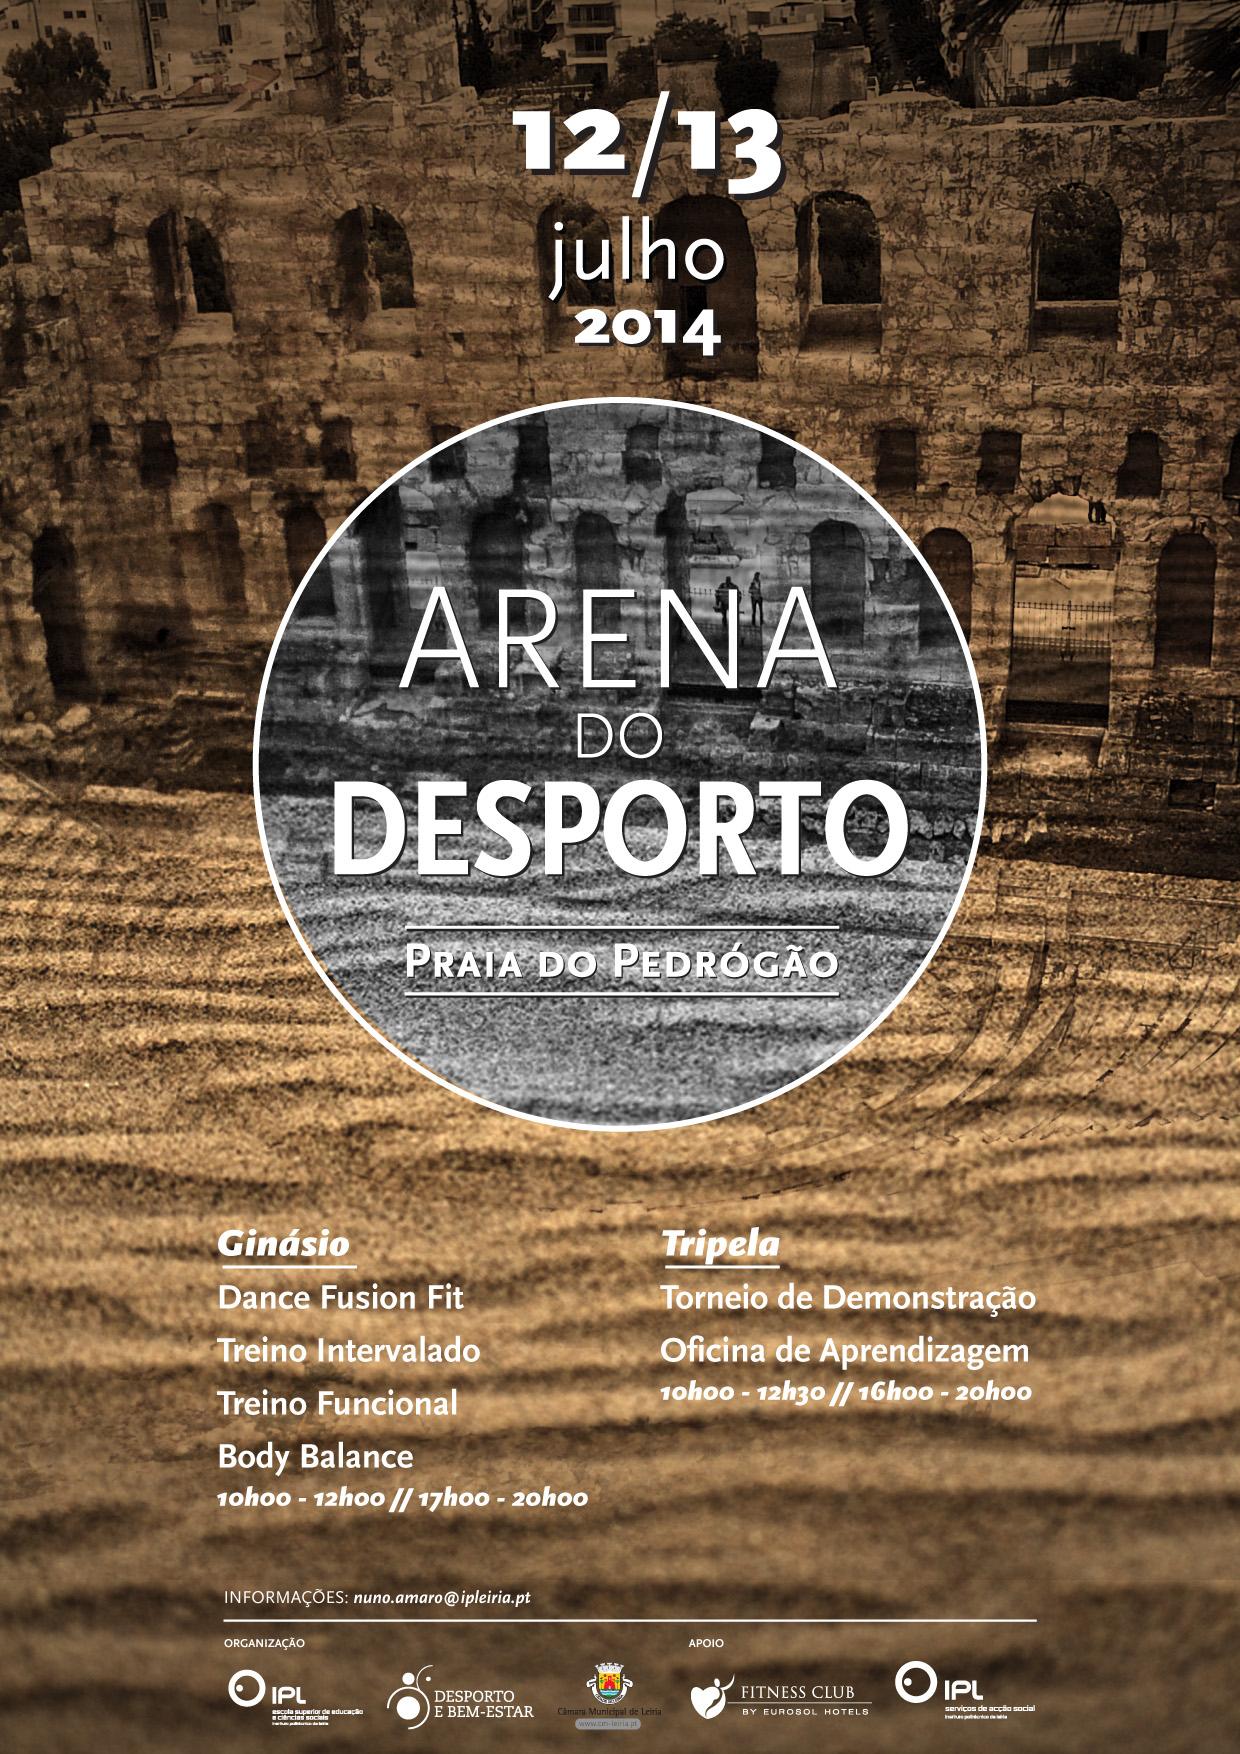 Cartaz_Arena_desporto_A4